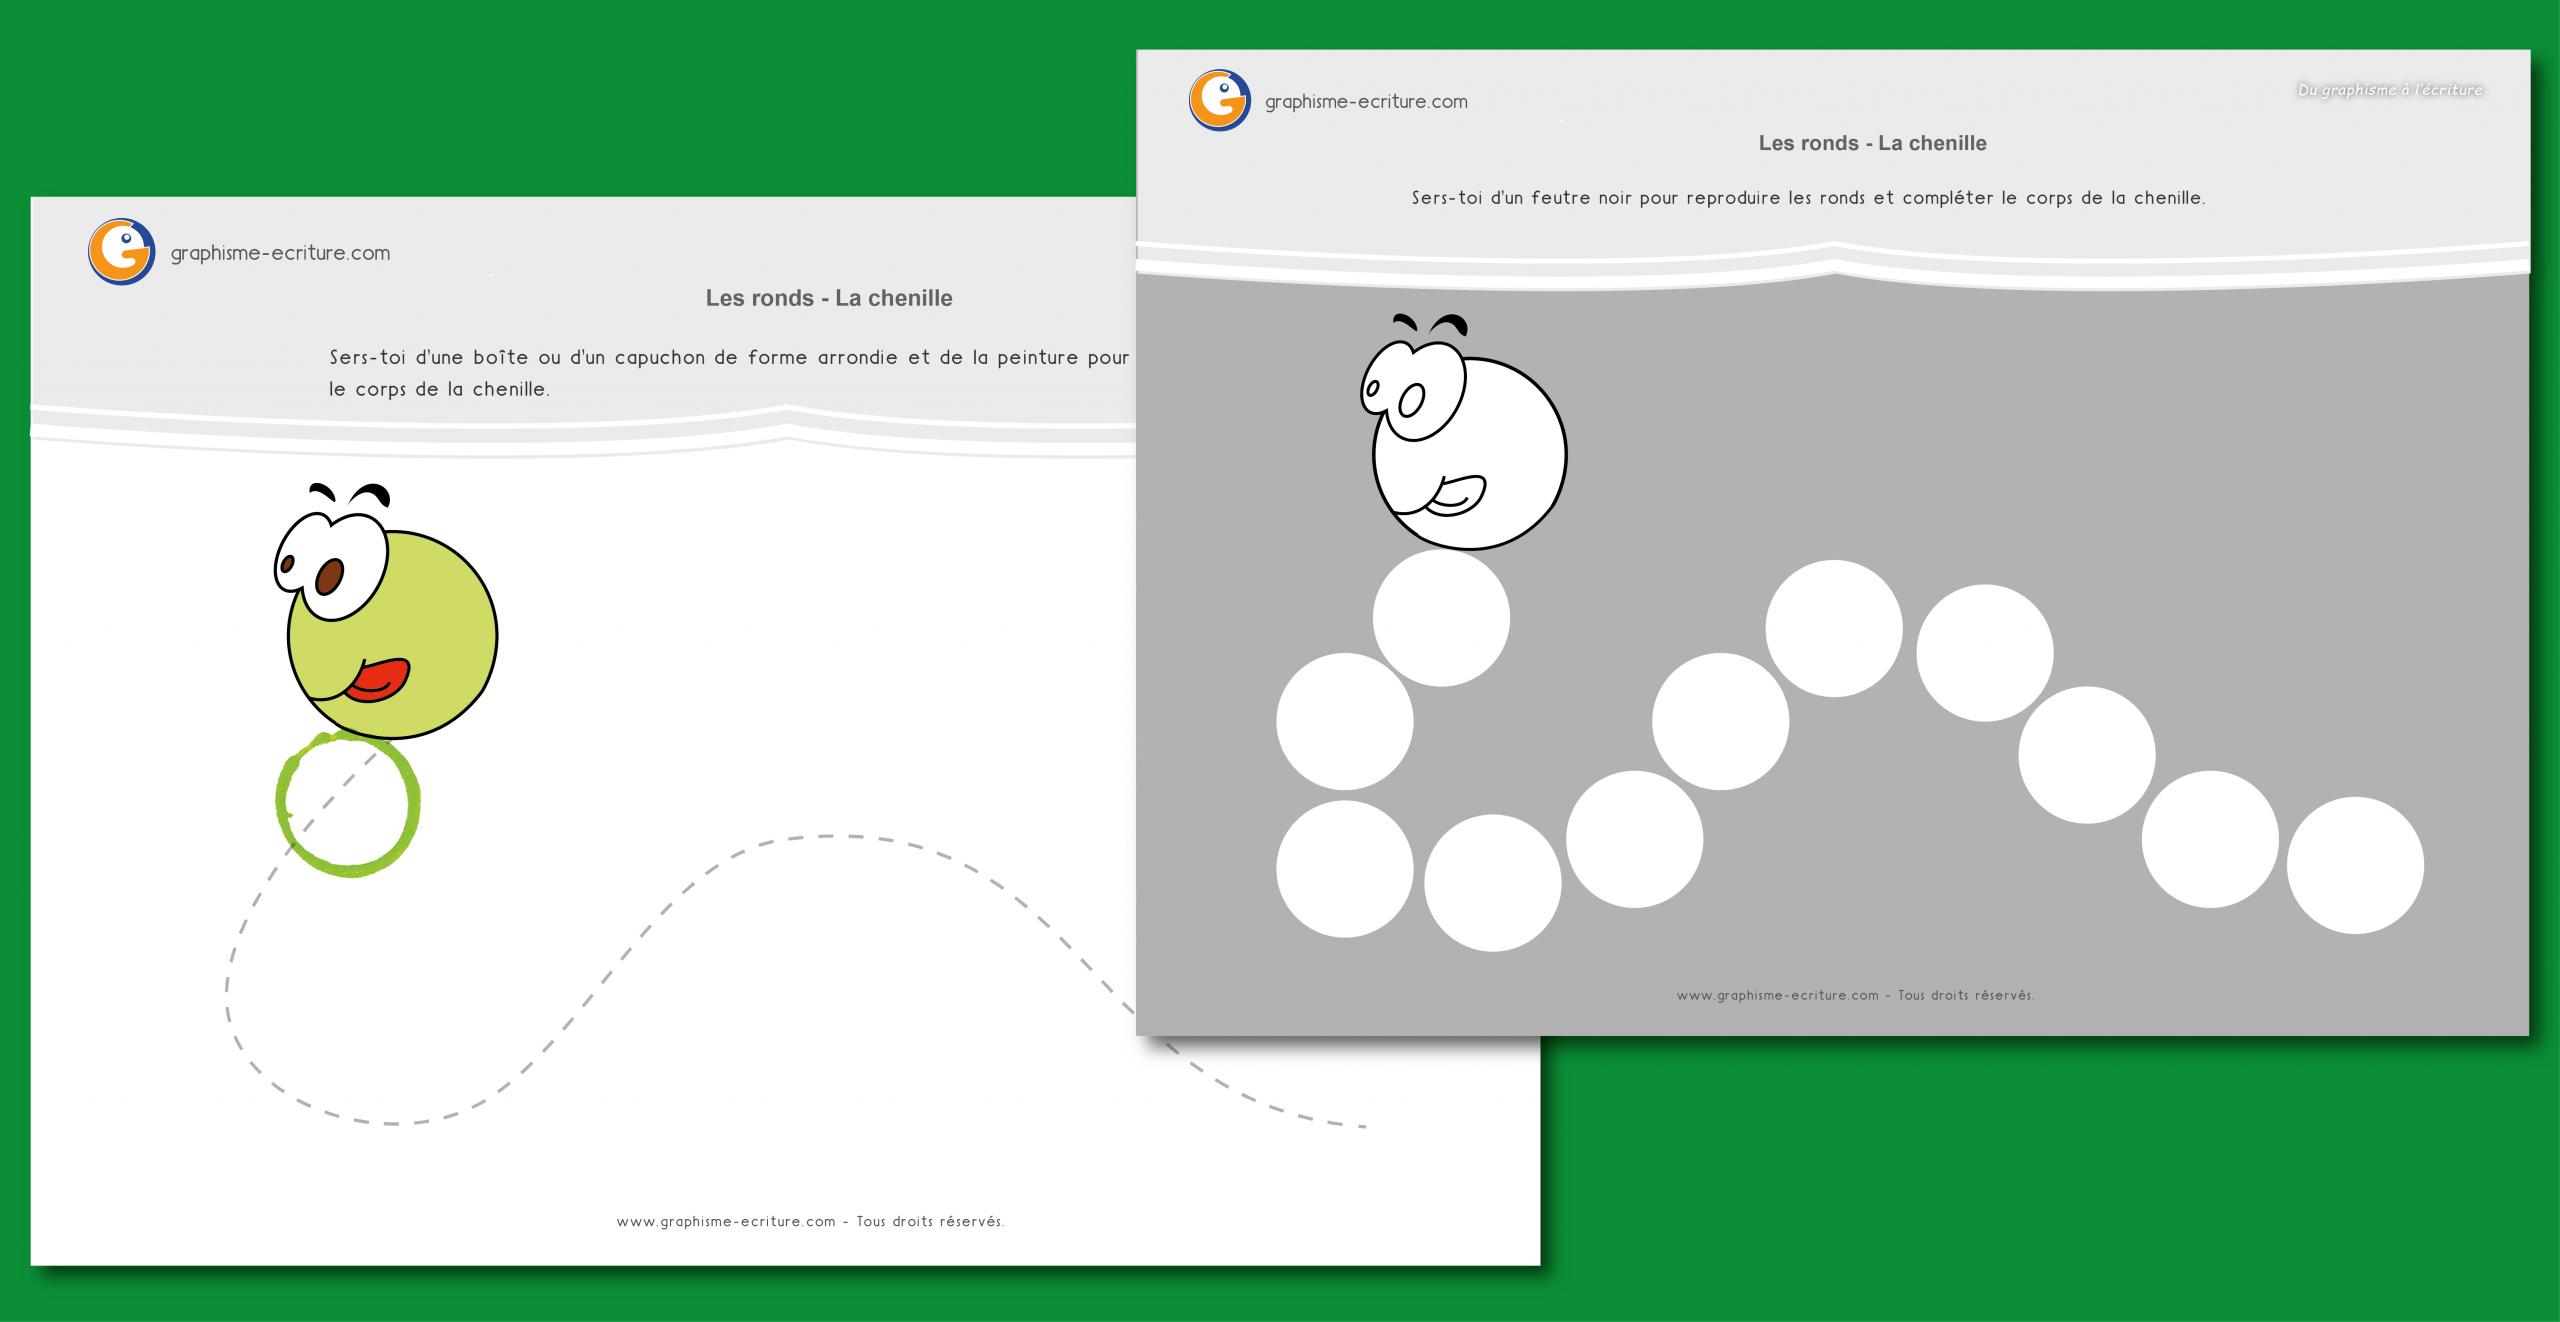 Graphisme Maternelle Les Ronds | Exercice Maternelle Ps Ms Gs Cp avec Exercice Maternelle Petite Section Gratuit En Ligne